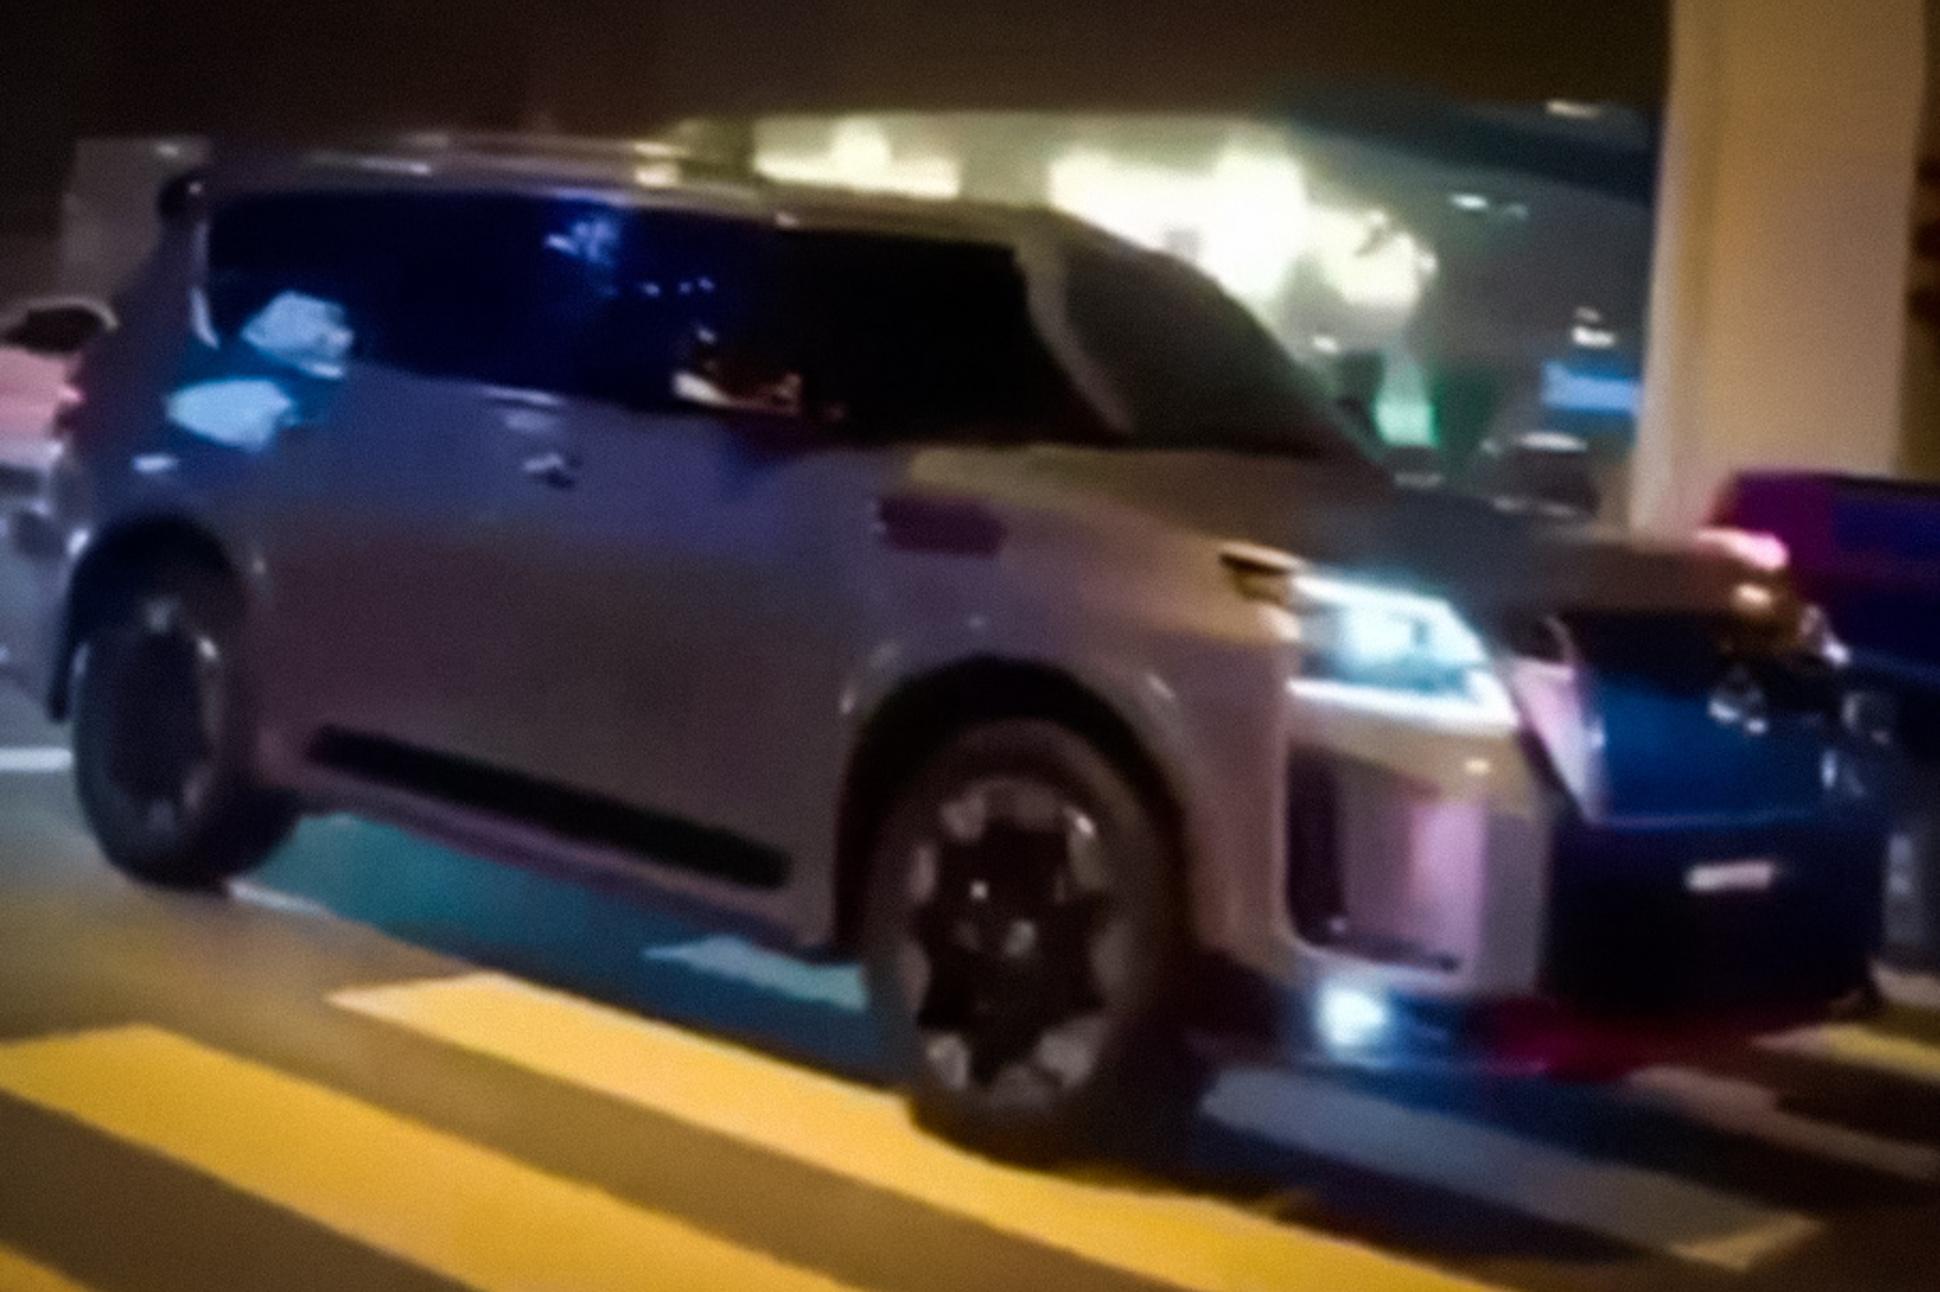 Очевидцам попался Nissan Patrol с особым обвесом: вероятно, это «заряженная» версия Nismo. Новинка может получить иные бампера, радиаторную решётку и пороги, а также красный декор и 22-дюймовые кованые колёса RAYS.